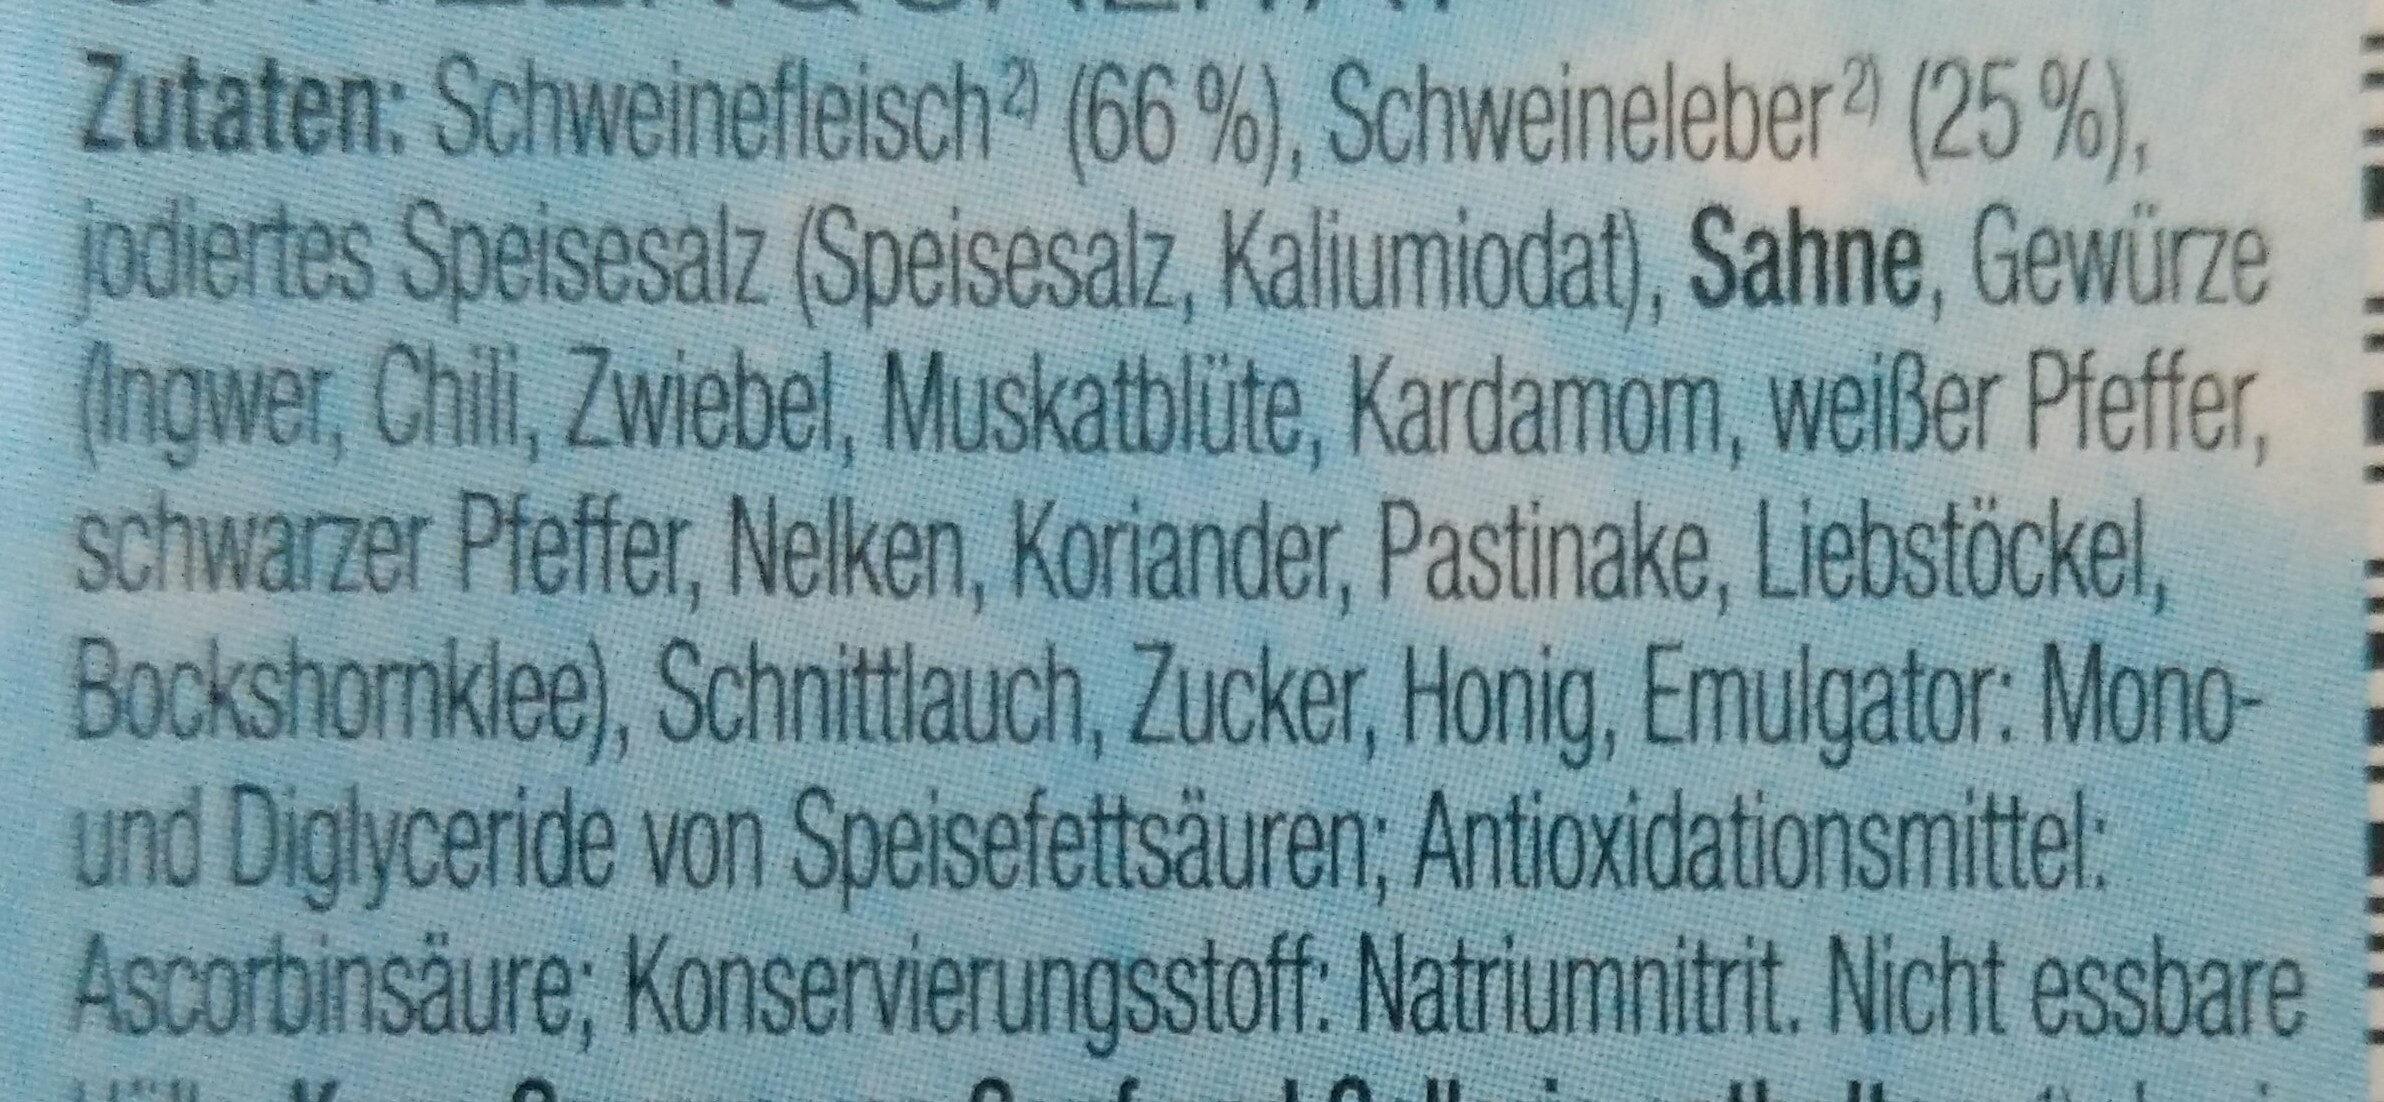 Streich-Minis Feinste Leberwurst mit Schnittlauch - Ingrédients